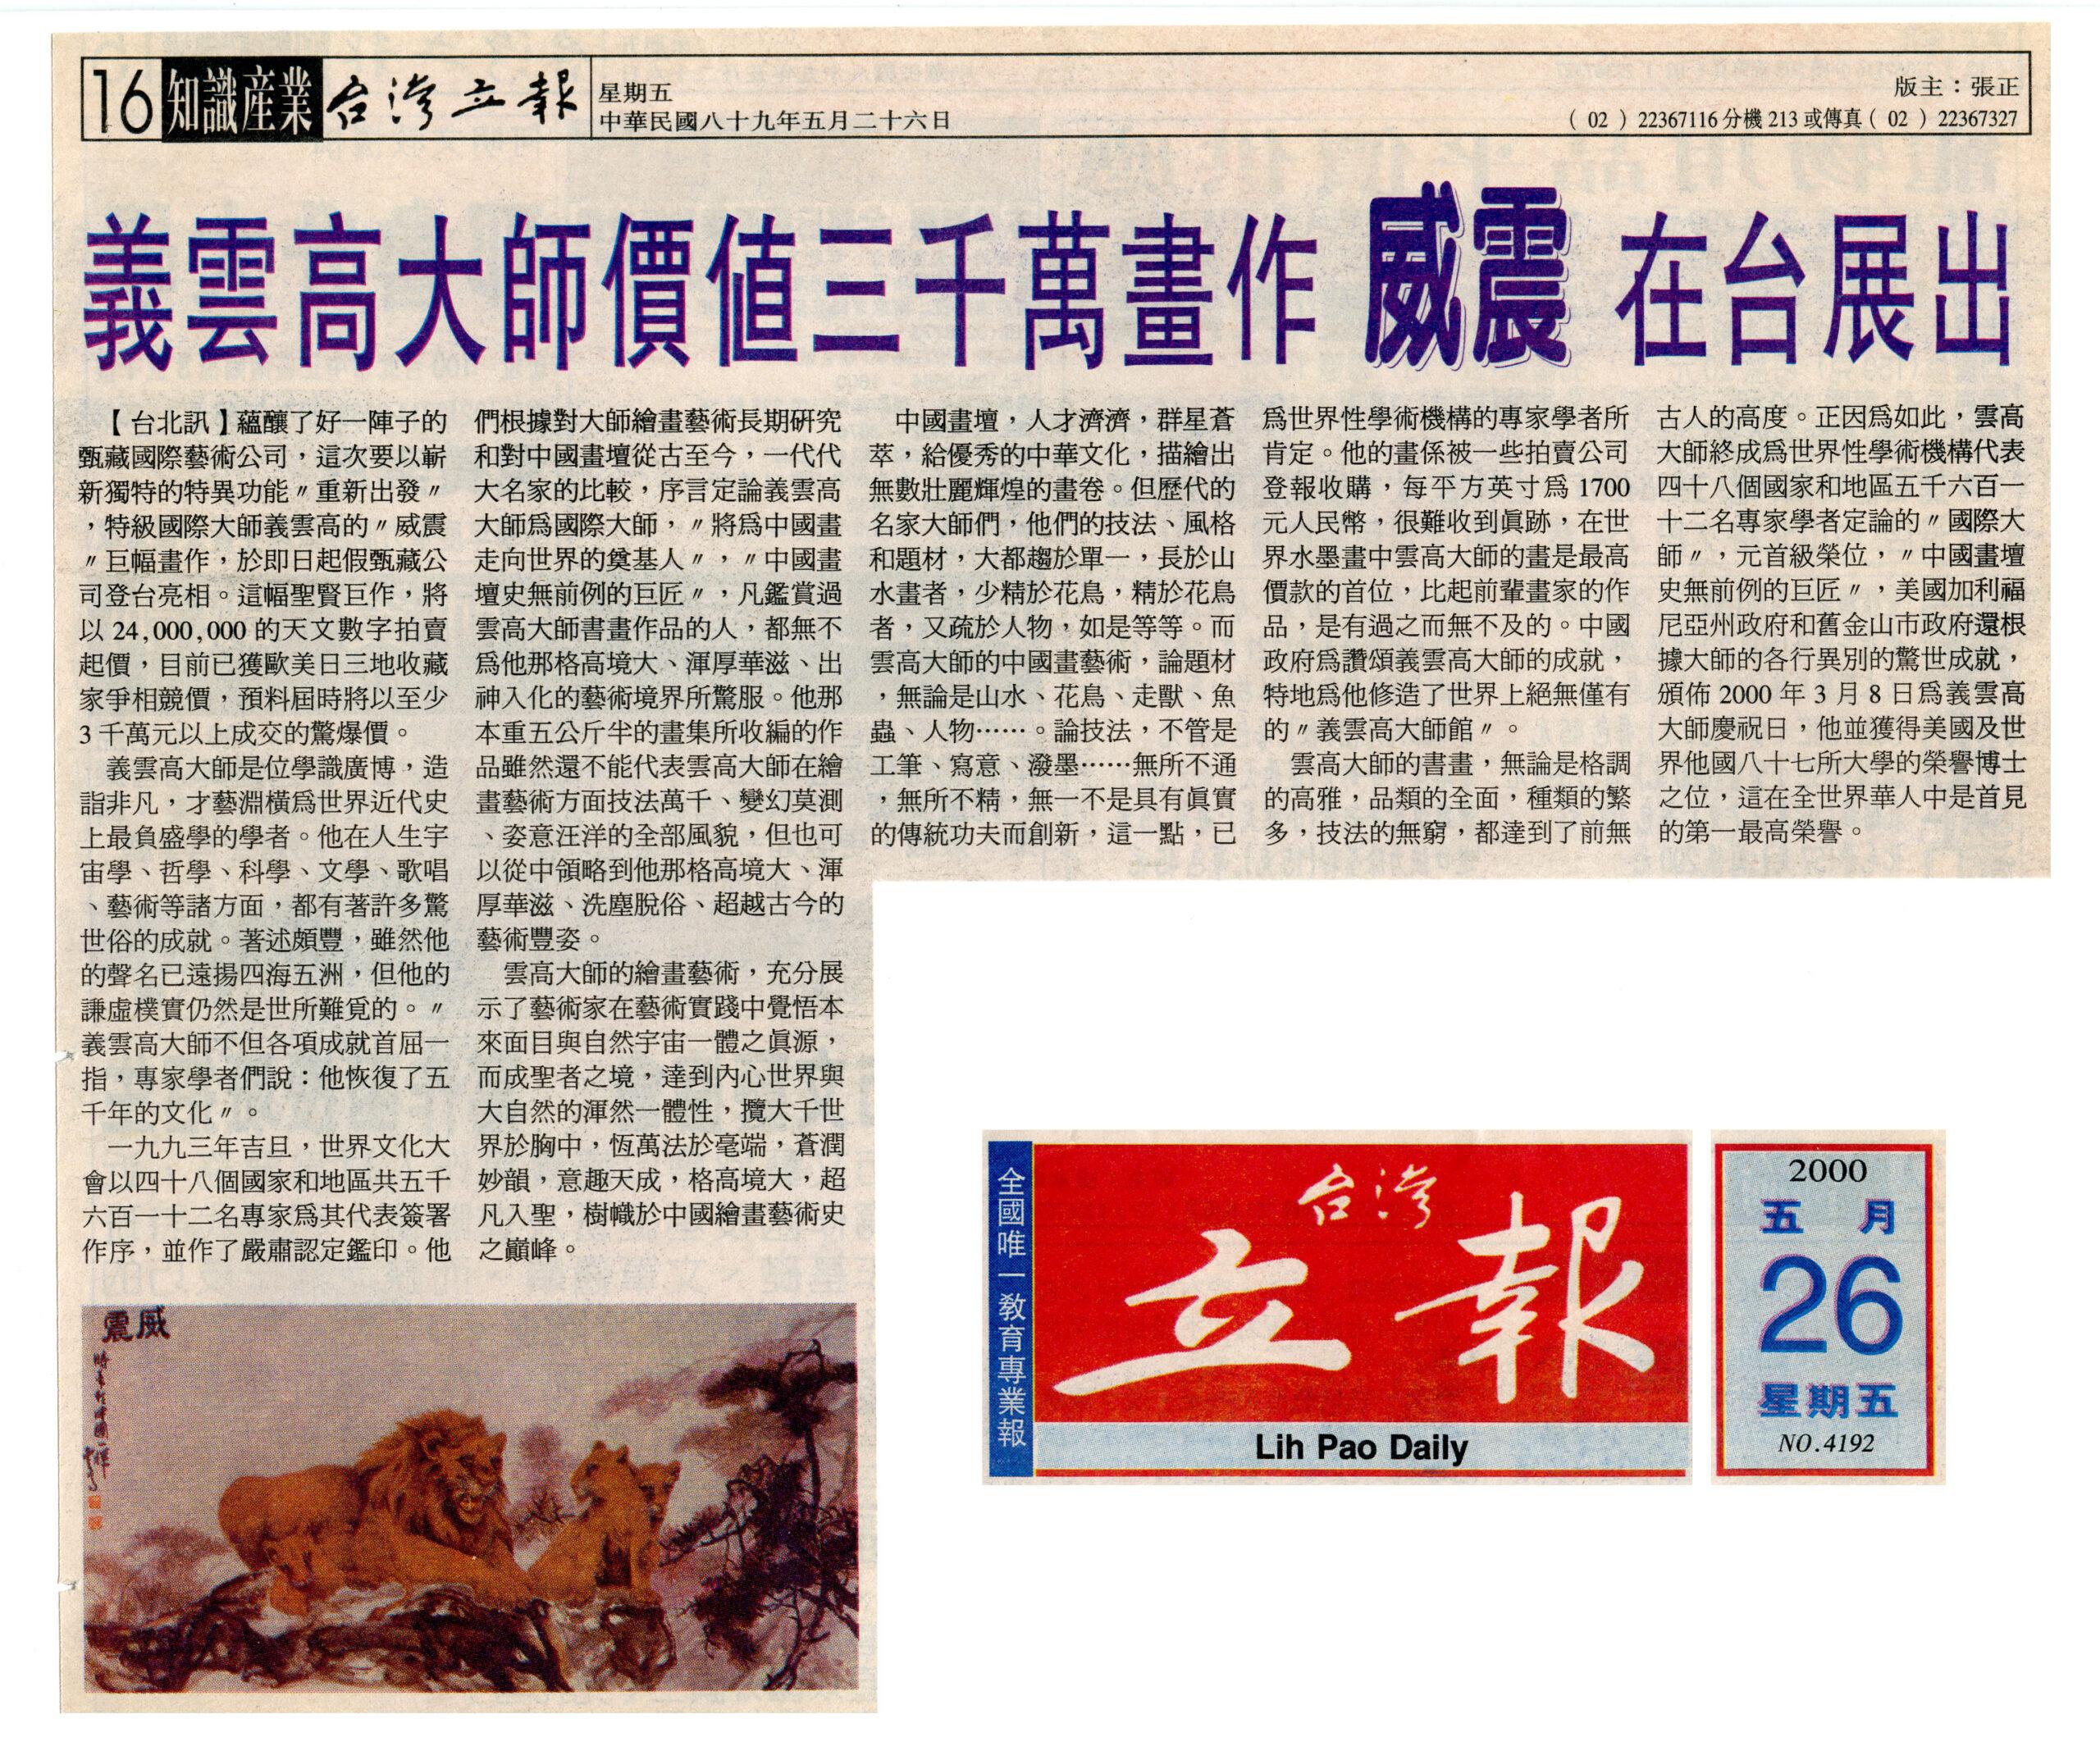 义云高大师(H.H. 第三世多杰羌佛)价值三千万画作威震在台展出